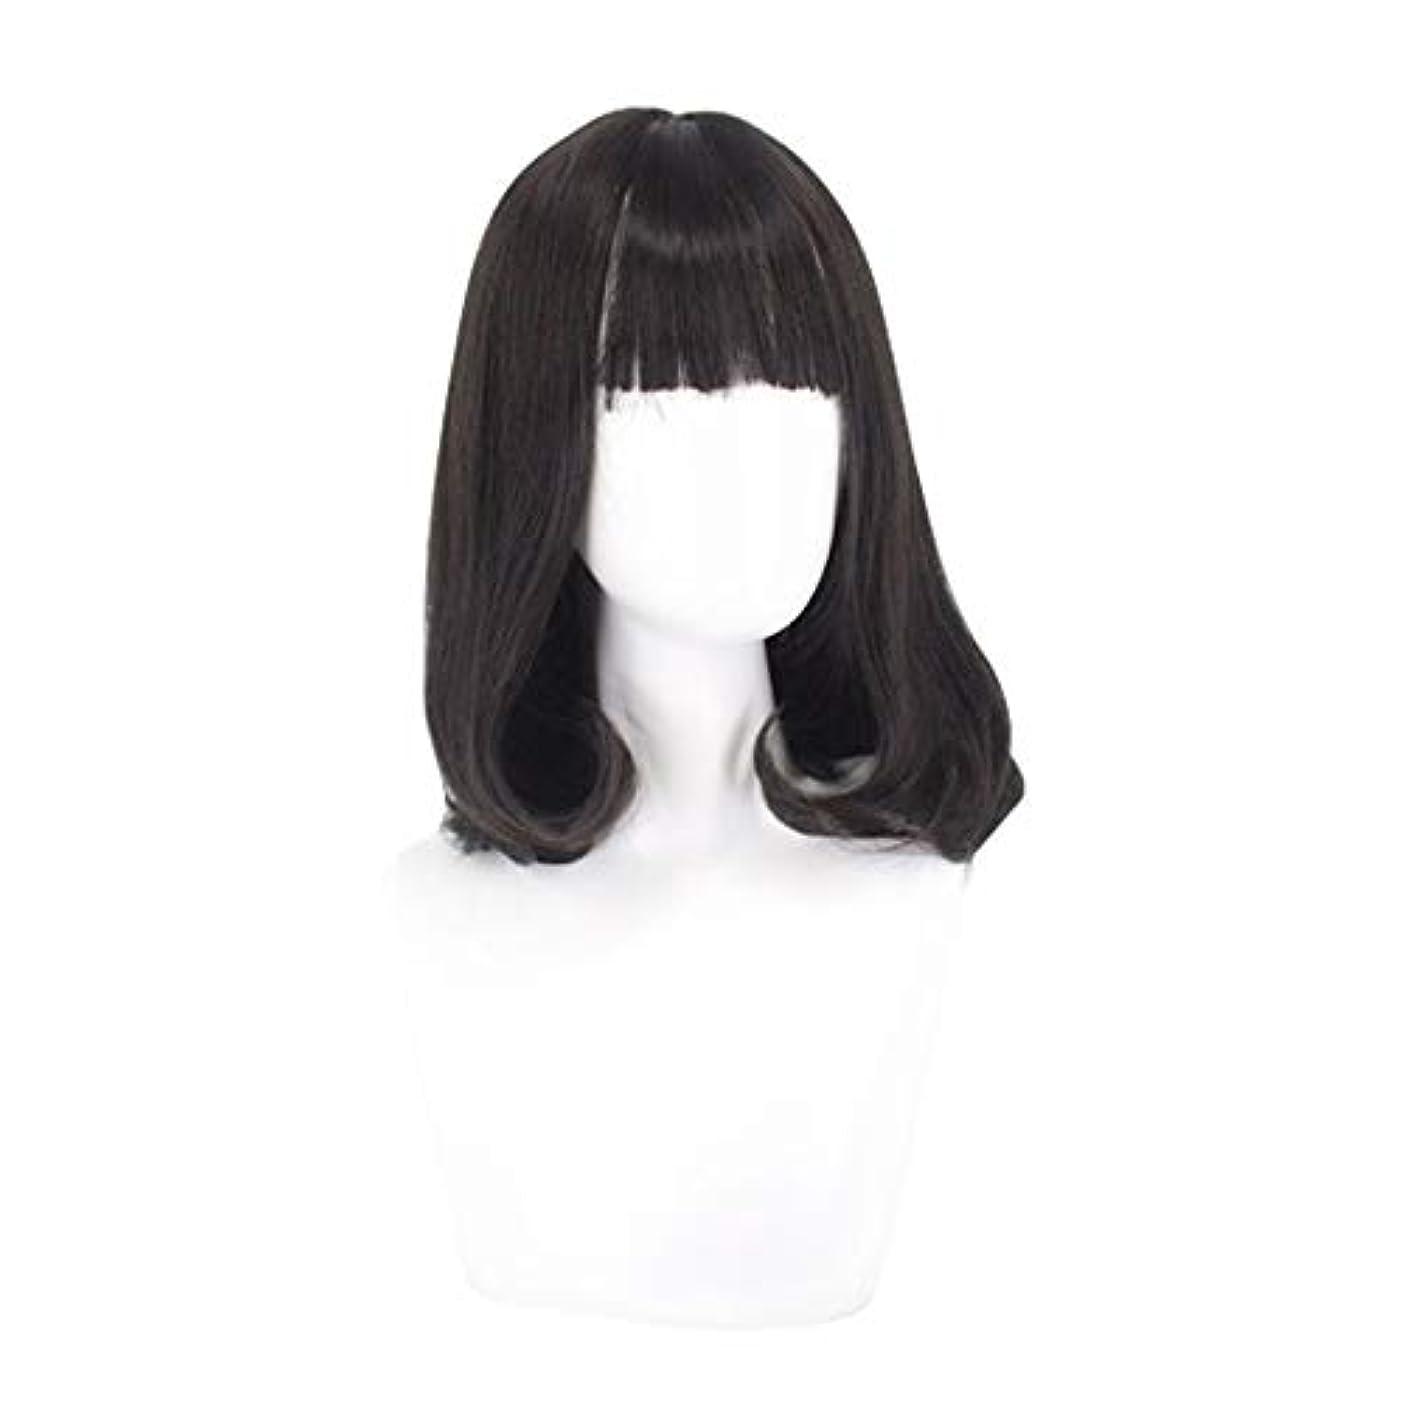 良性インターネット港ウィッグミディアムロングヘアー女性のためのふわふわウェーブのかかった髪かつら自然に見える耐熱性のある合成ファッションウィッグミディアムロングヘアーカーリーかつら,黒